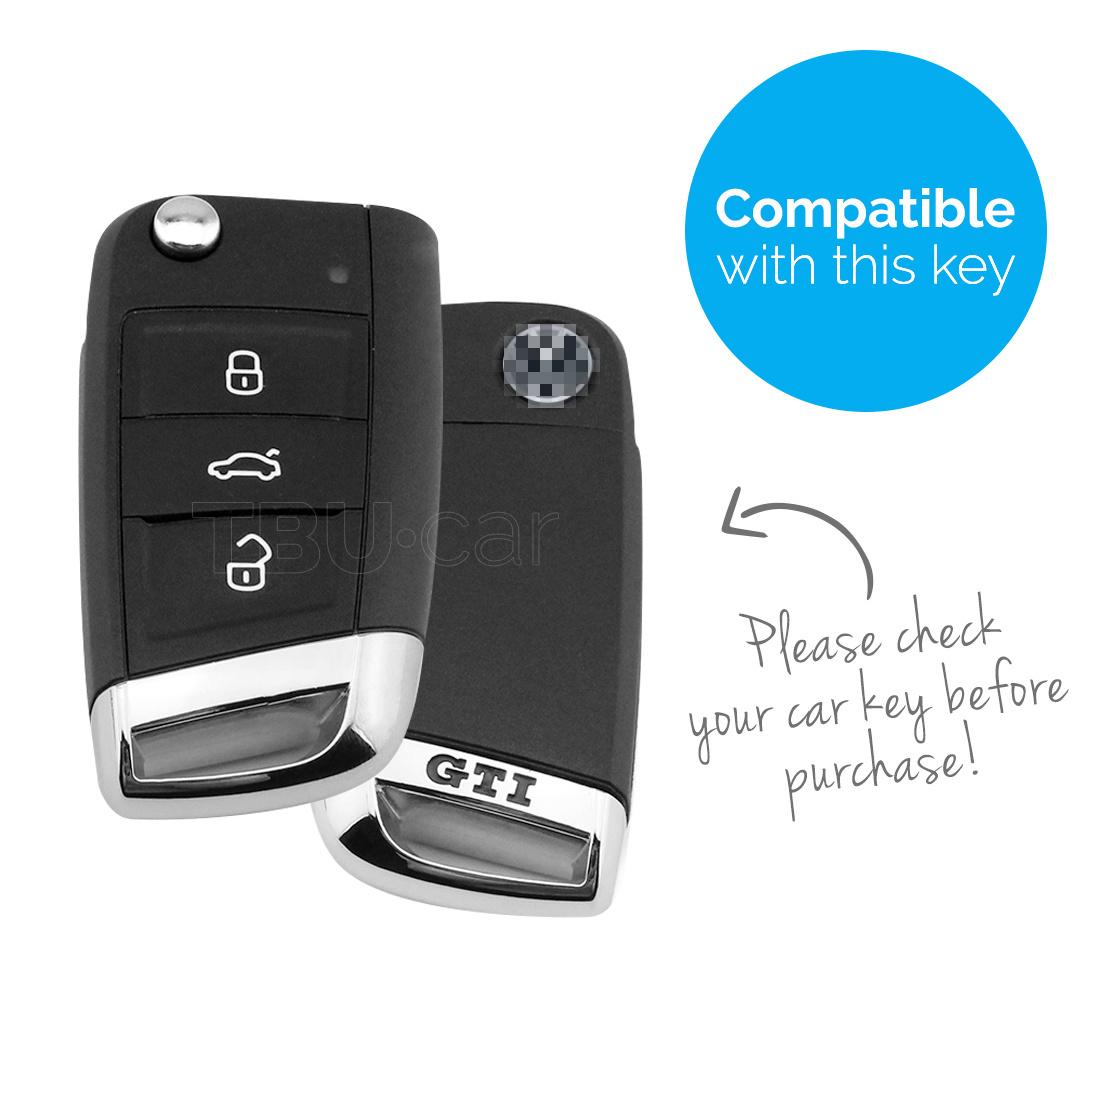 TBU car TBU car Autoschlüssel Hülle kompatibel mit VW GTI / R-Line 3 Tasten - Schutzhülle aus Silikon - Auto Schlüsselhülle Cover in Schwarz